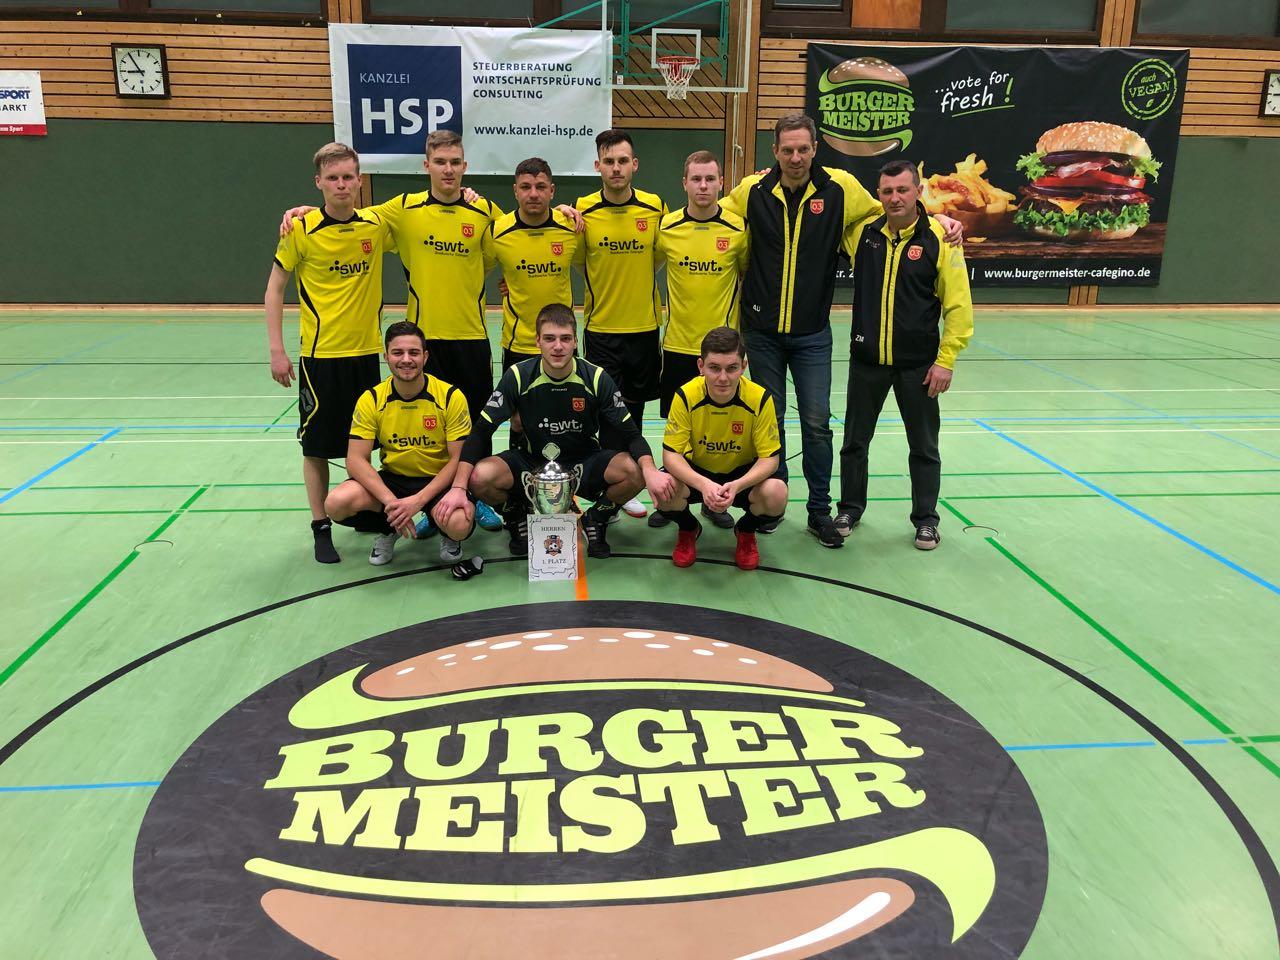 stadtpokal-tuebingen-2018-burgermeister-sponsor